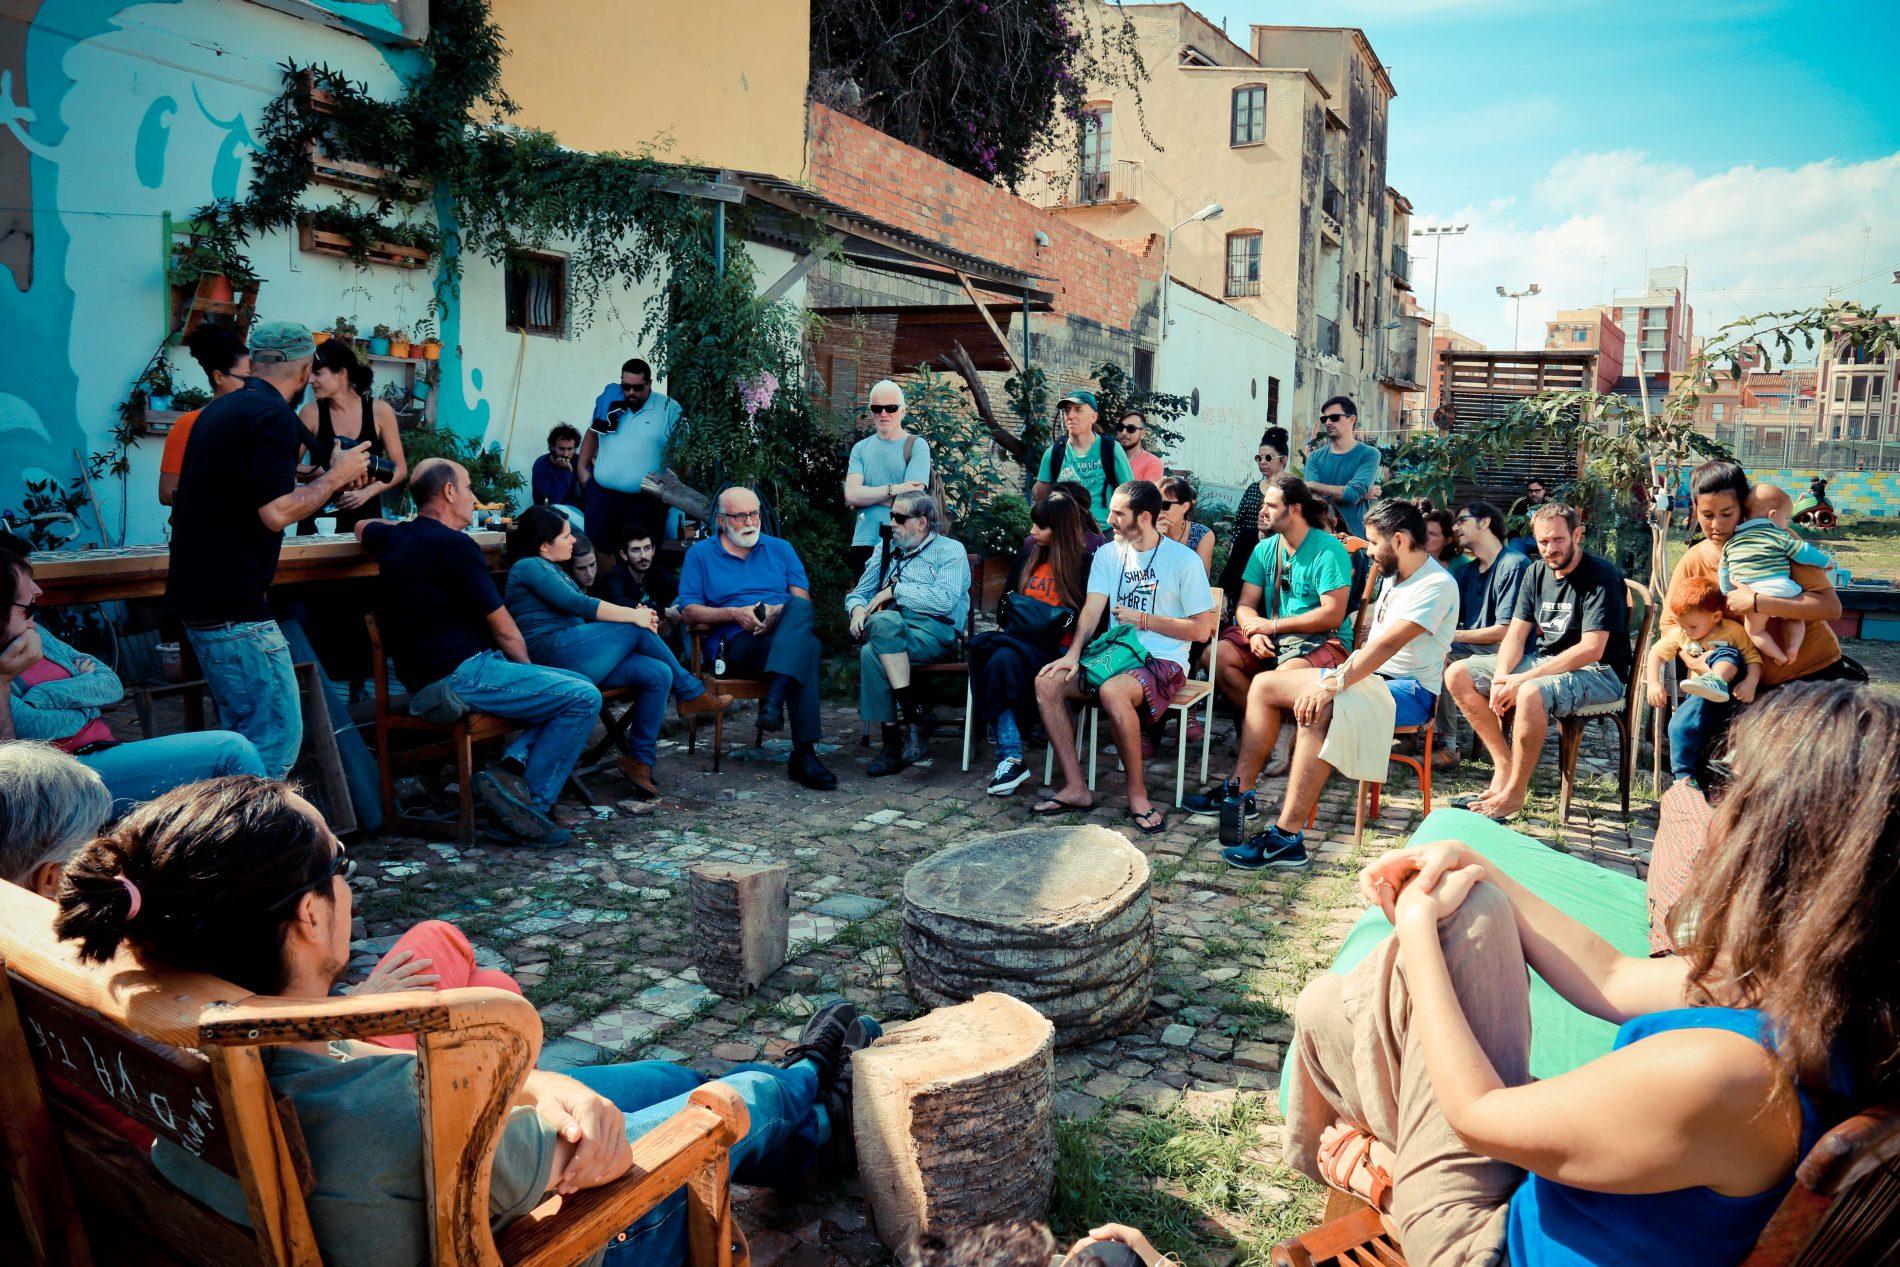 Presentación Foodtopia y Plataforma Soberanía Alimentaria en Cabanyal Horta